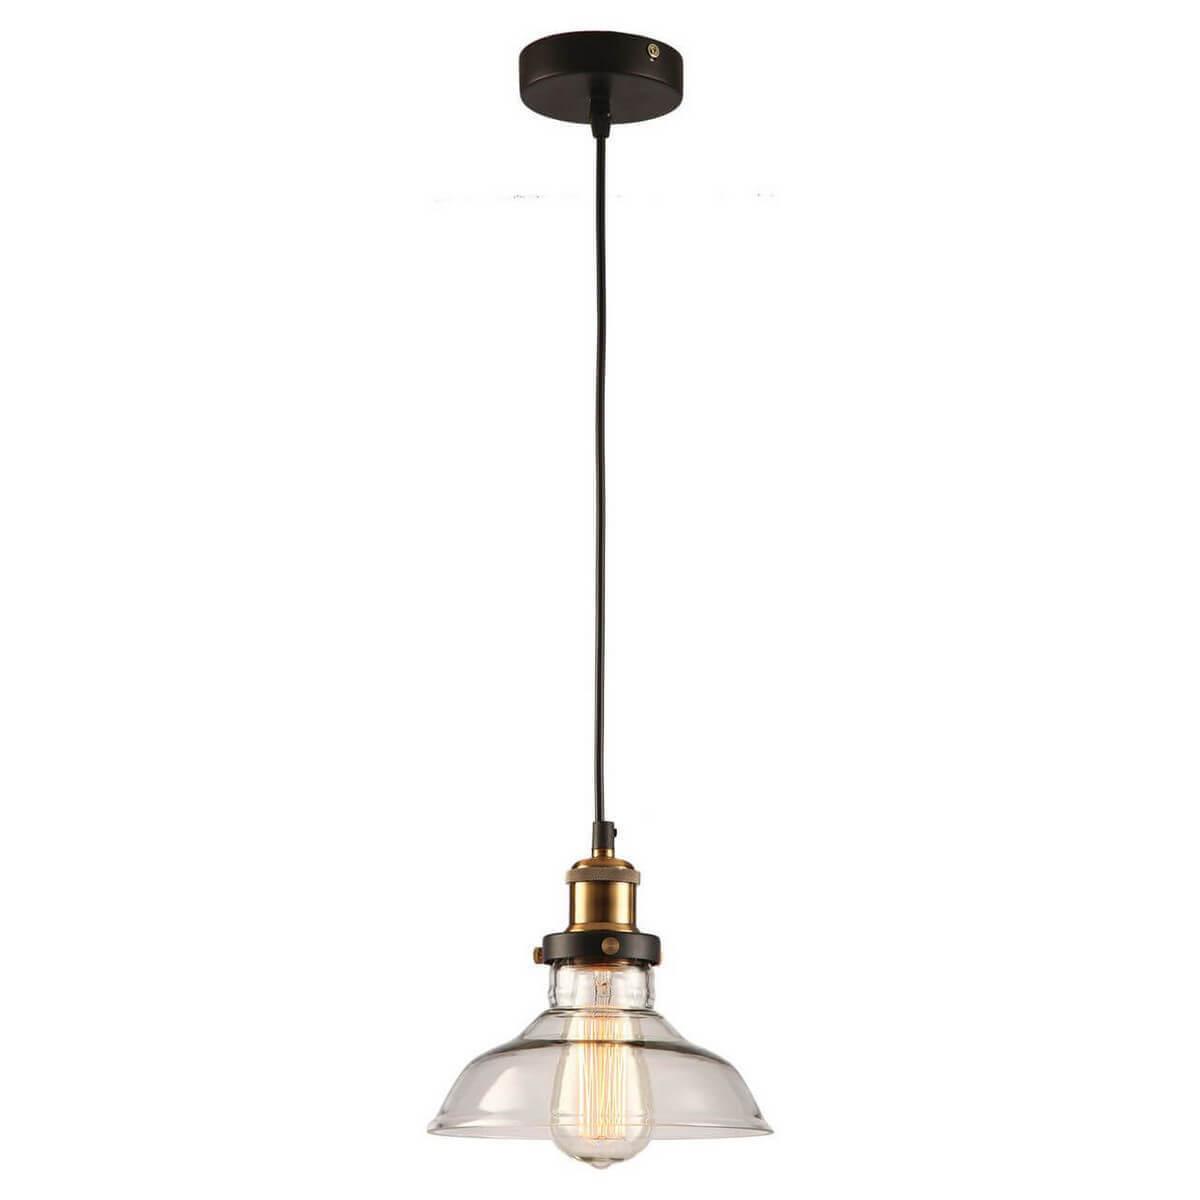 Подвесной светильник Lussole Loft IX LSP-9606 подвесной светильник lsp 9606 loft